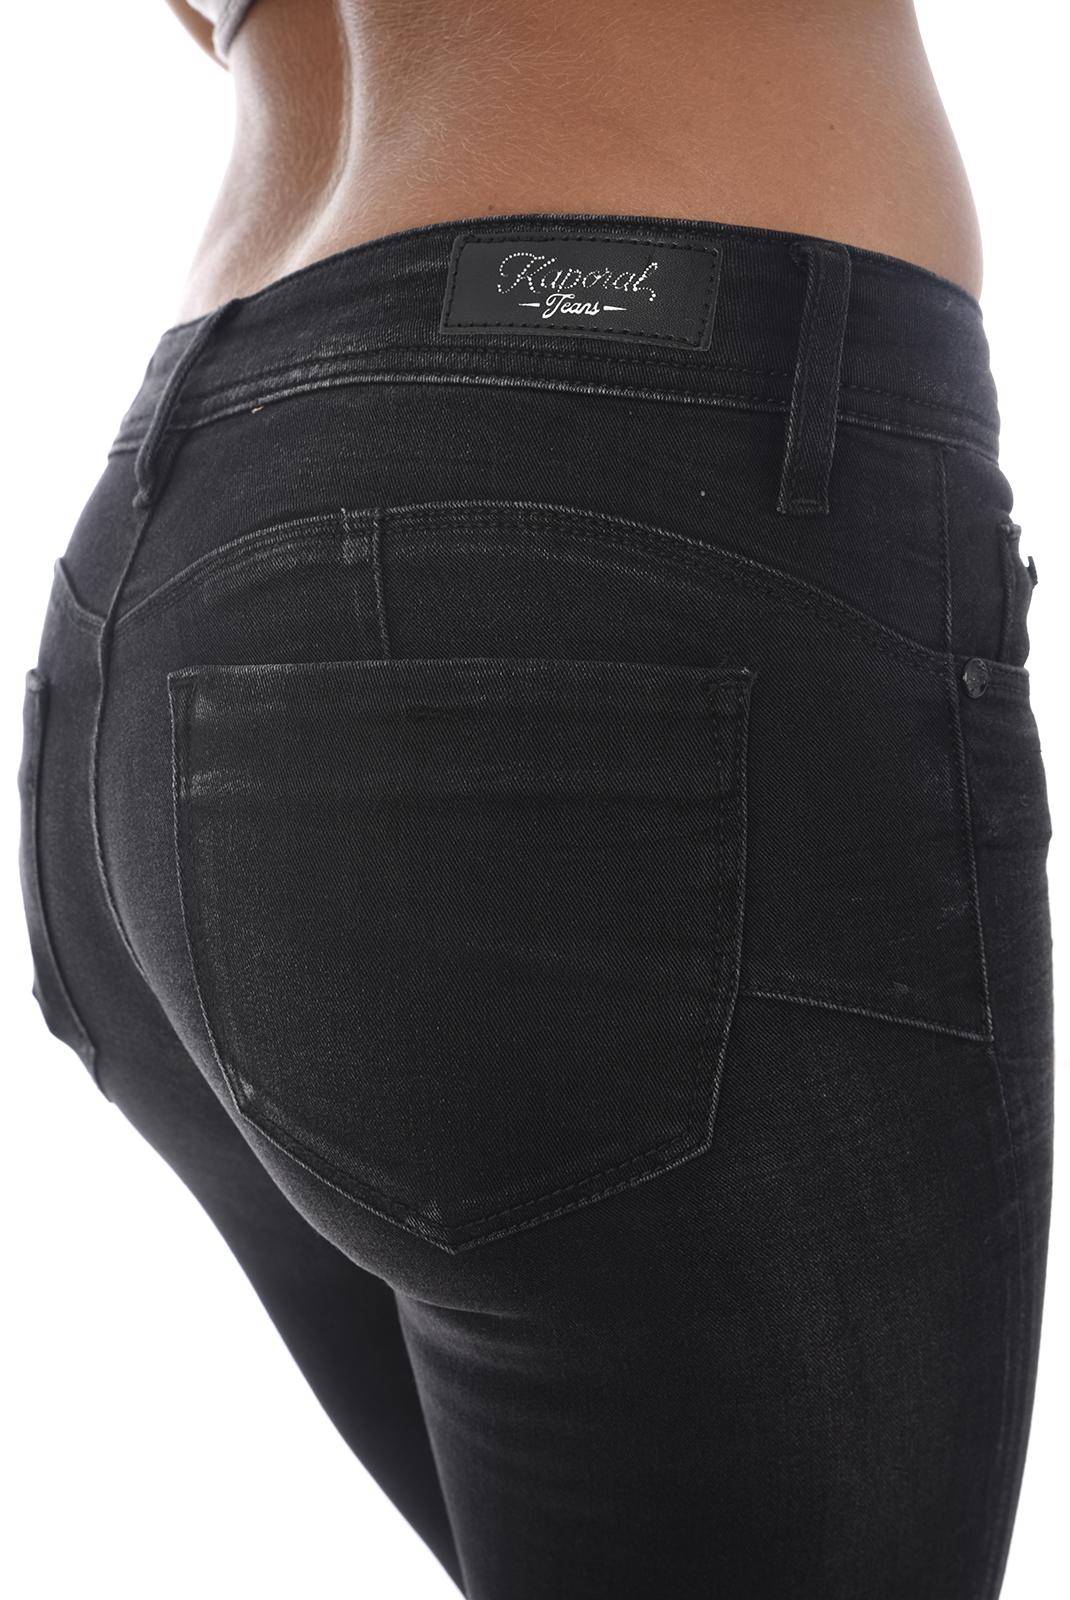 Jeans   Kaporal LOKA H18W7 OLD BLACK